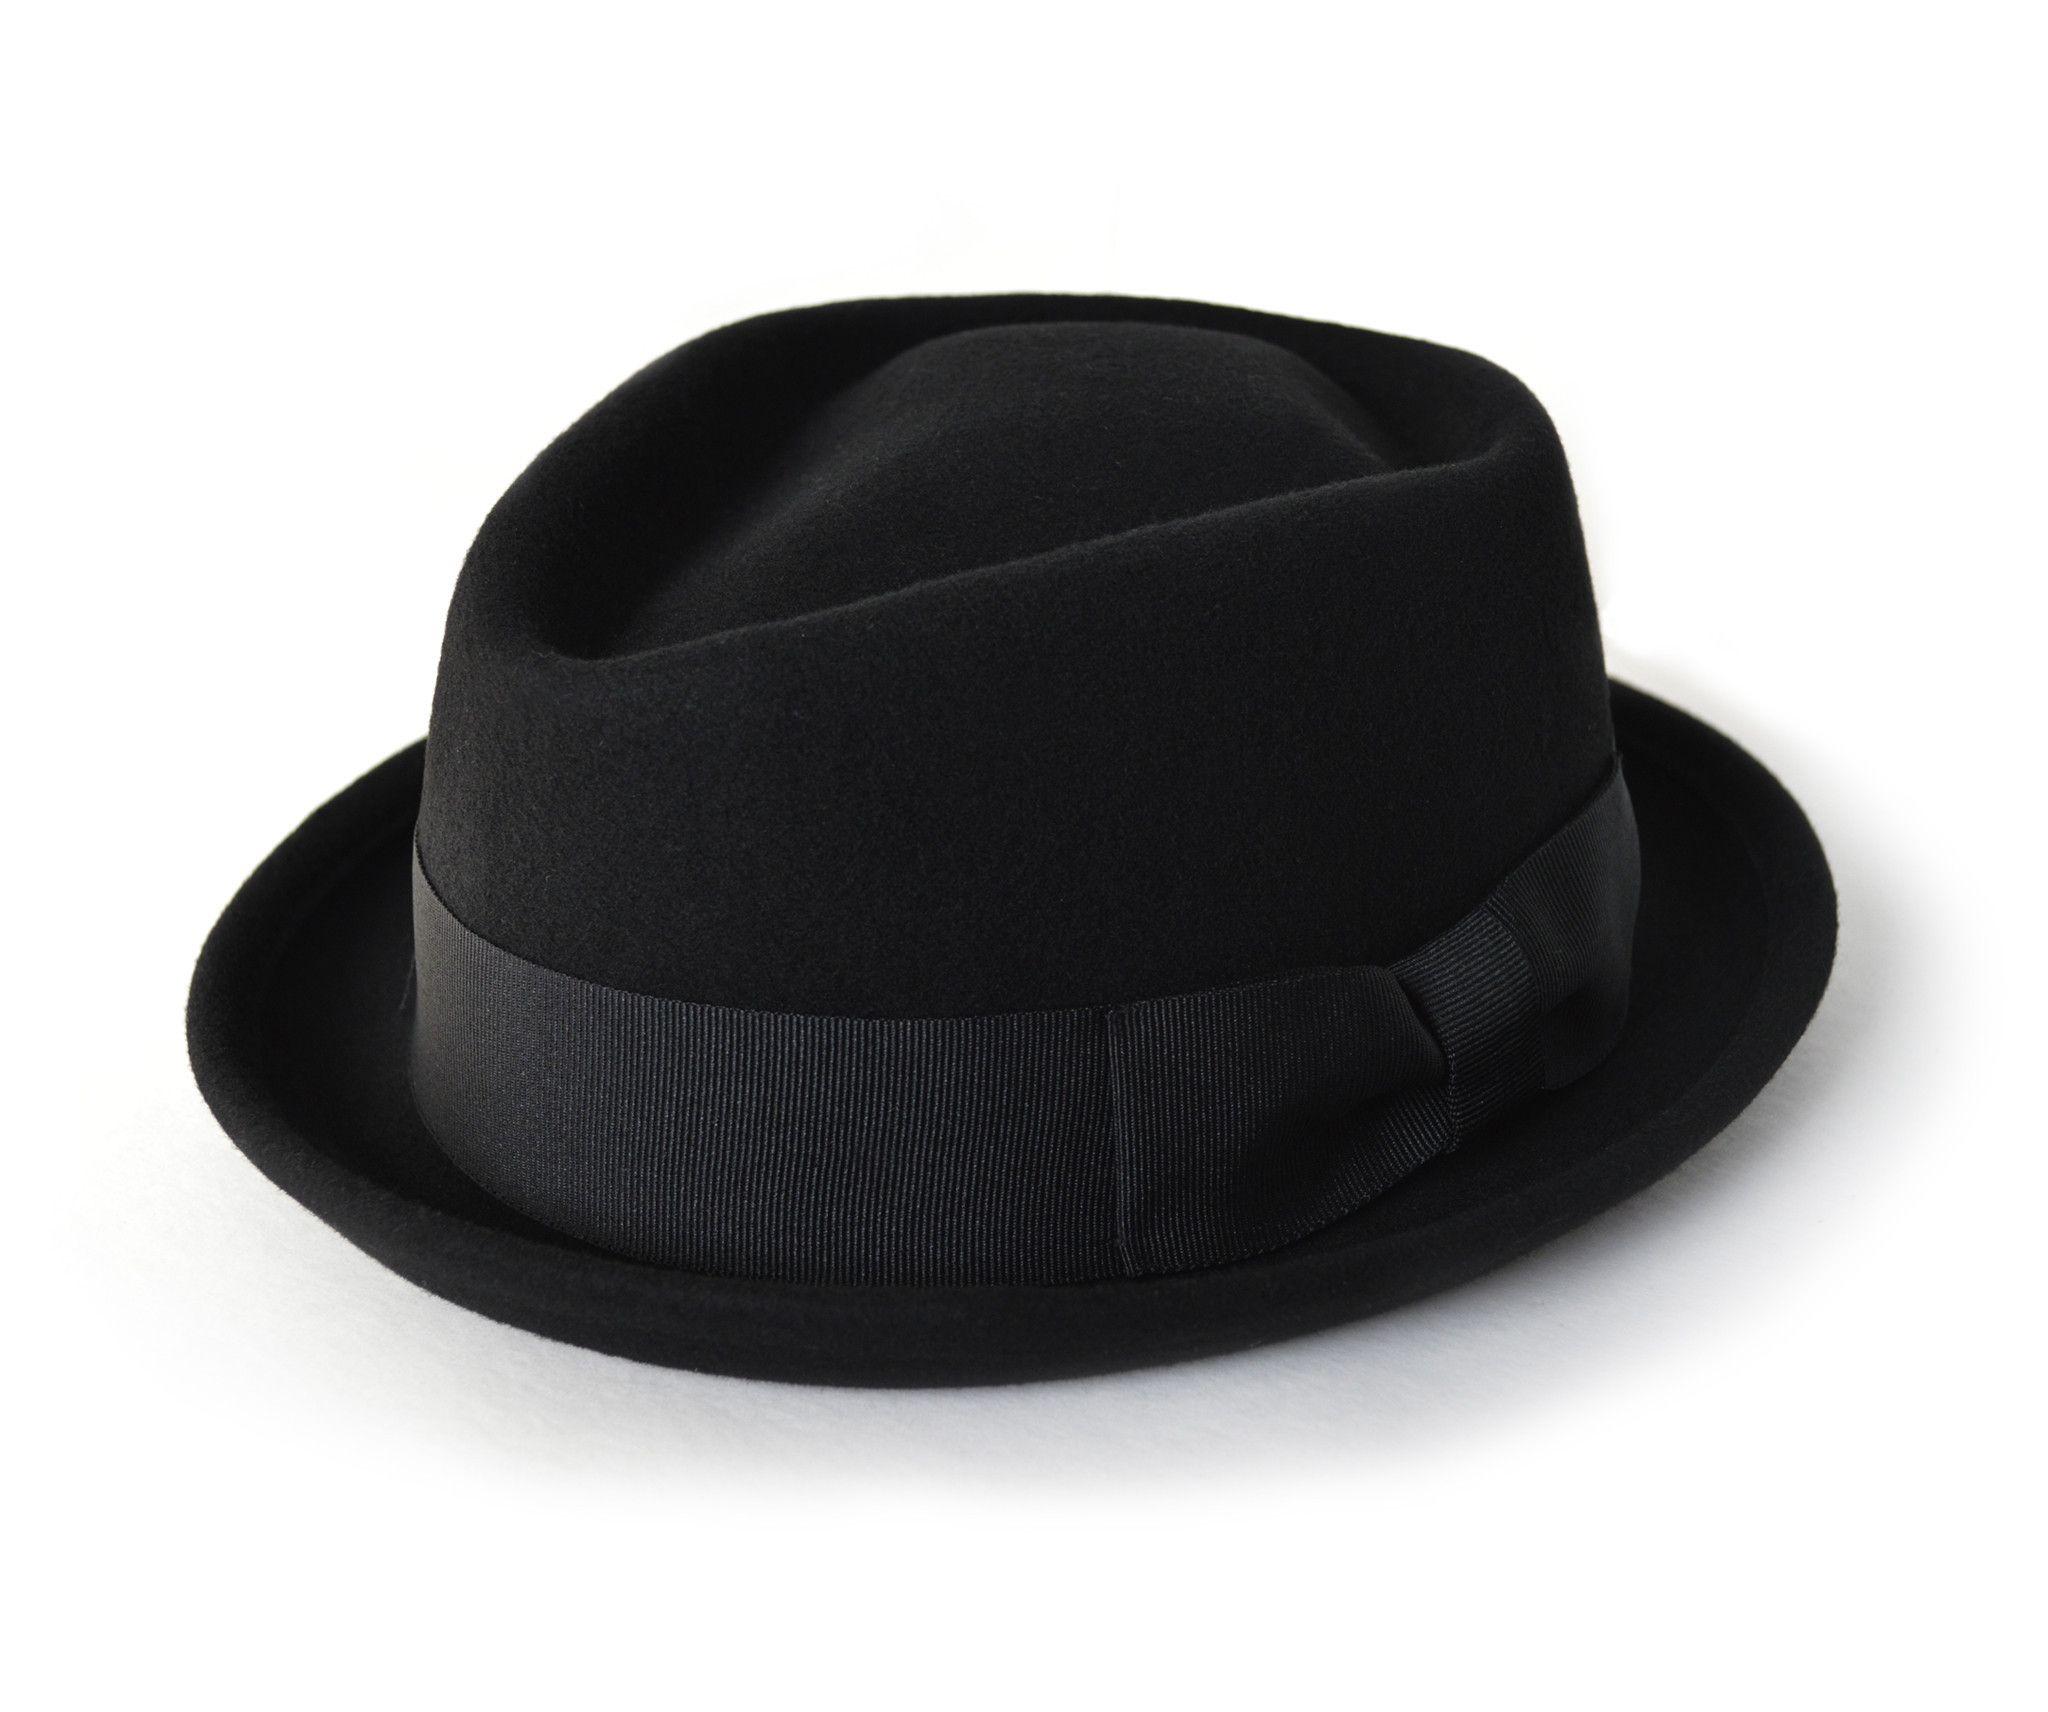 9.99 cheap wholesale gucci hats from china 71b924f6f9e